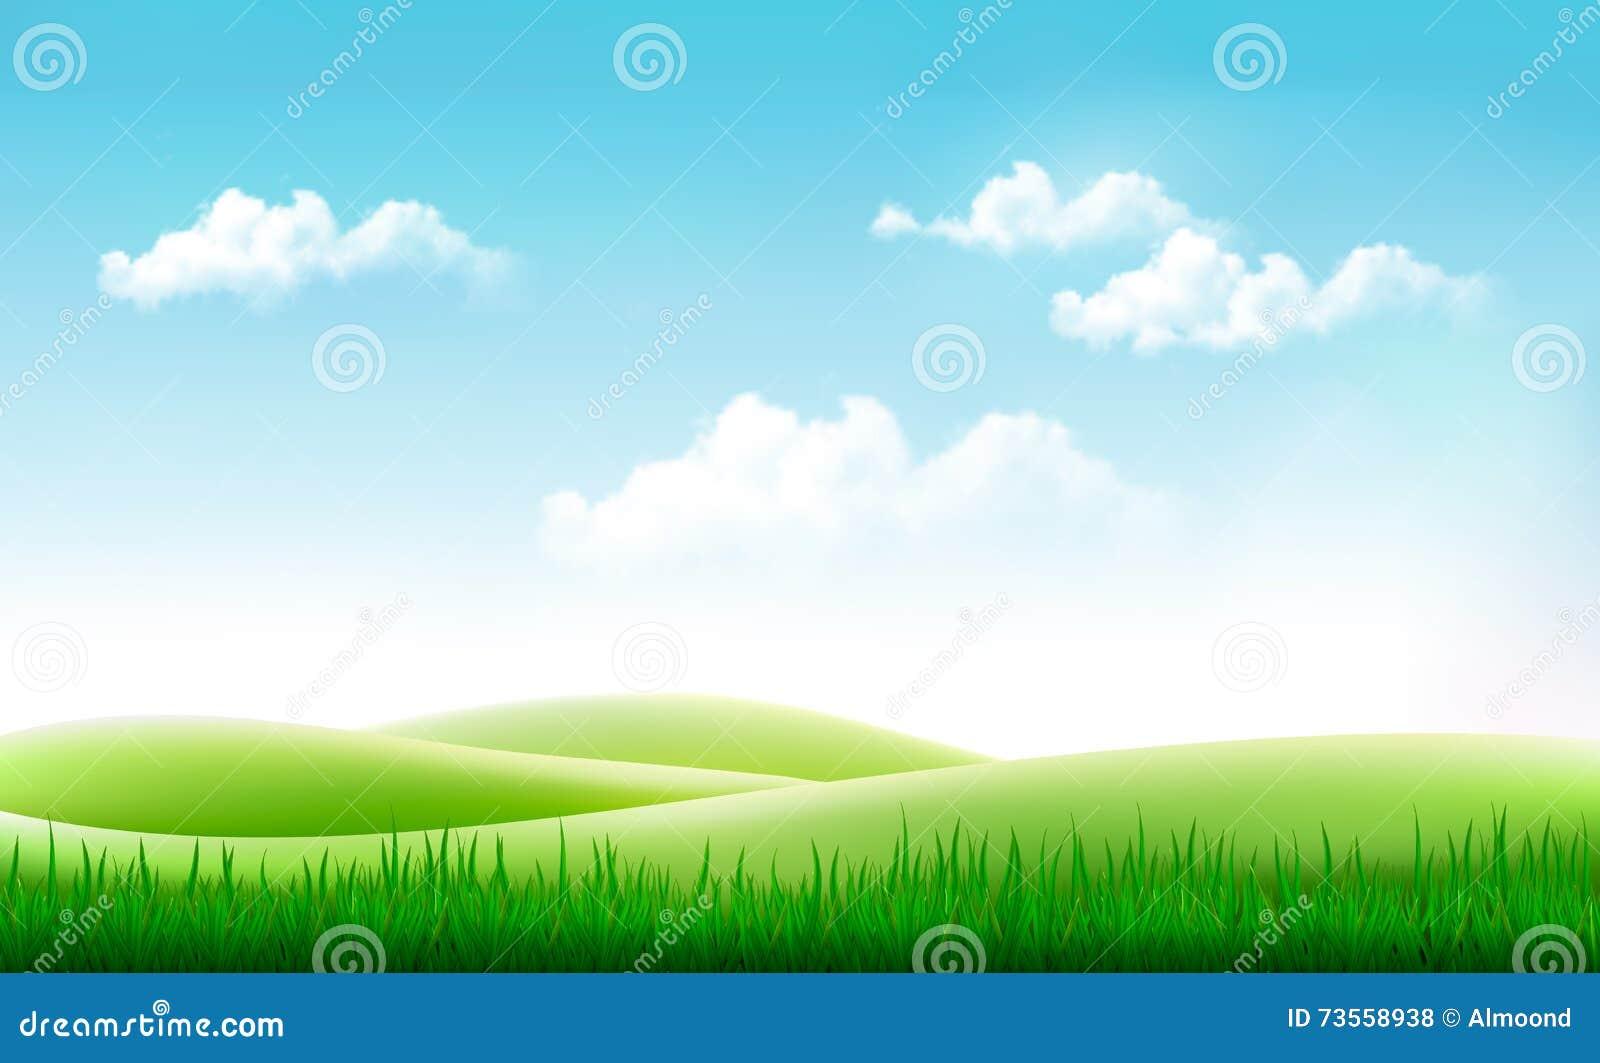 Fundo Do Verao Da Natureza Com Grama Verde E O Ceu Azul Ilustracao